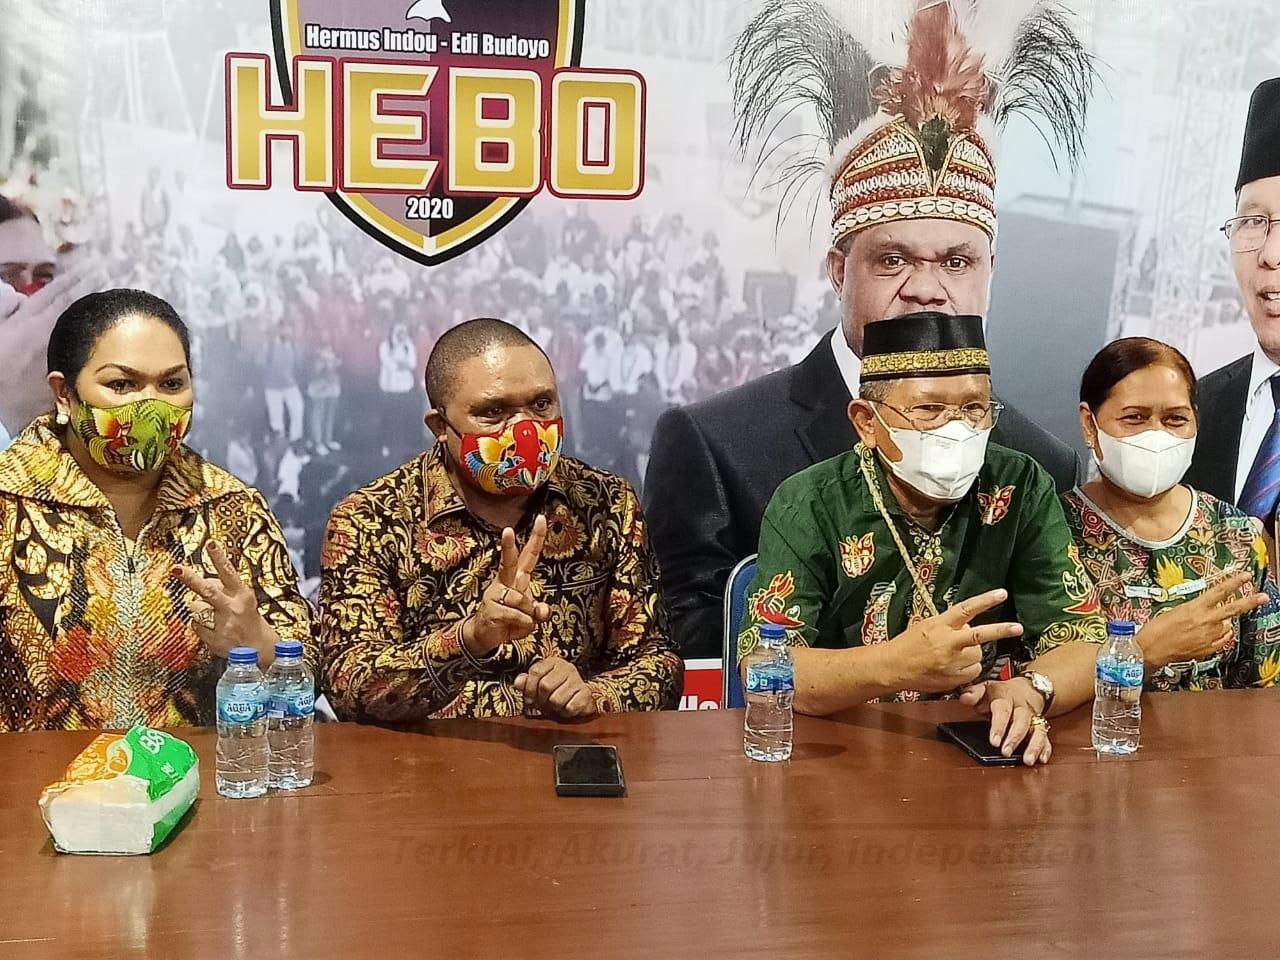 HEBO: Harus Konsisten Dengan Pernyataan Siapapun Yang Menang Tidak Ada Gugatan 1 IMG 20201210 WA0003